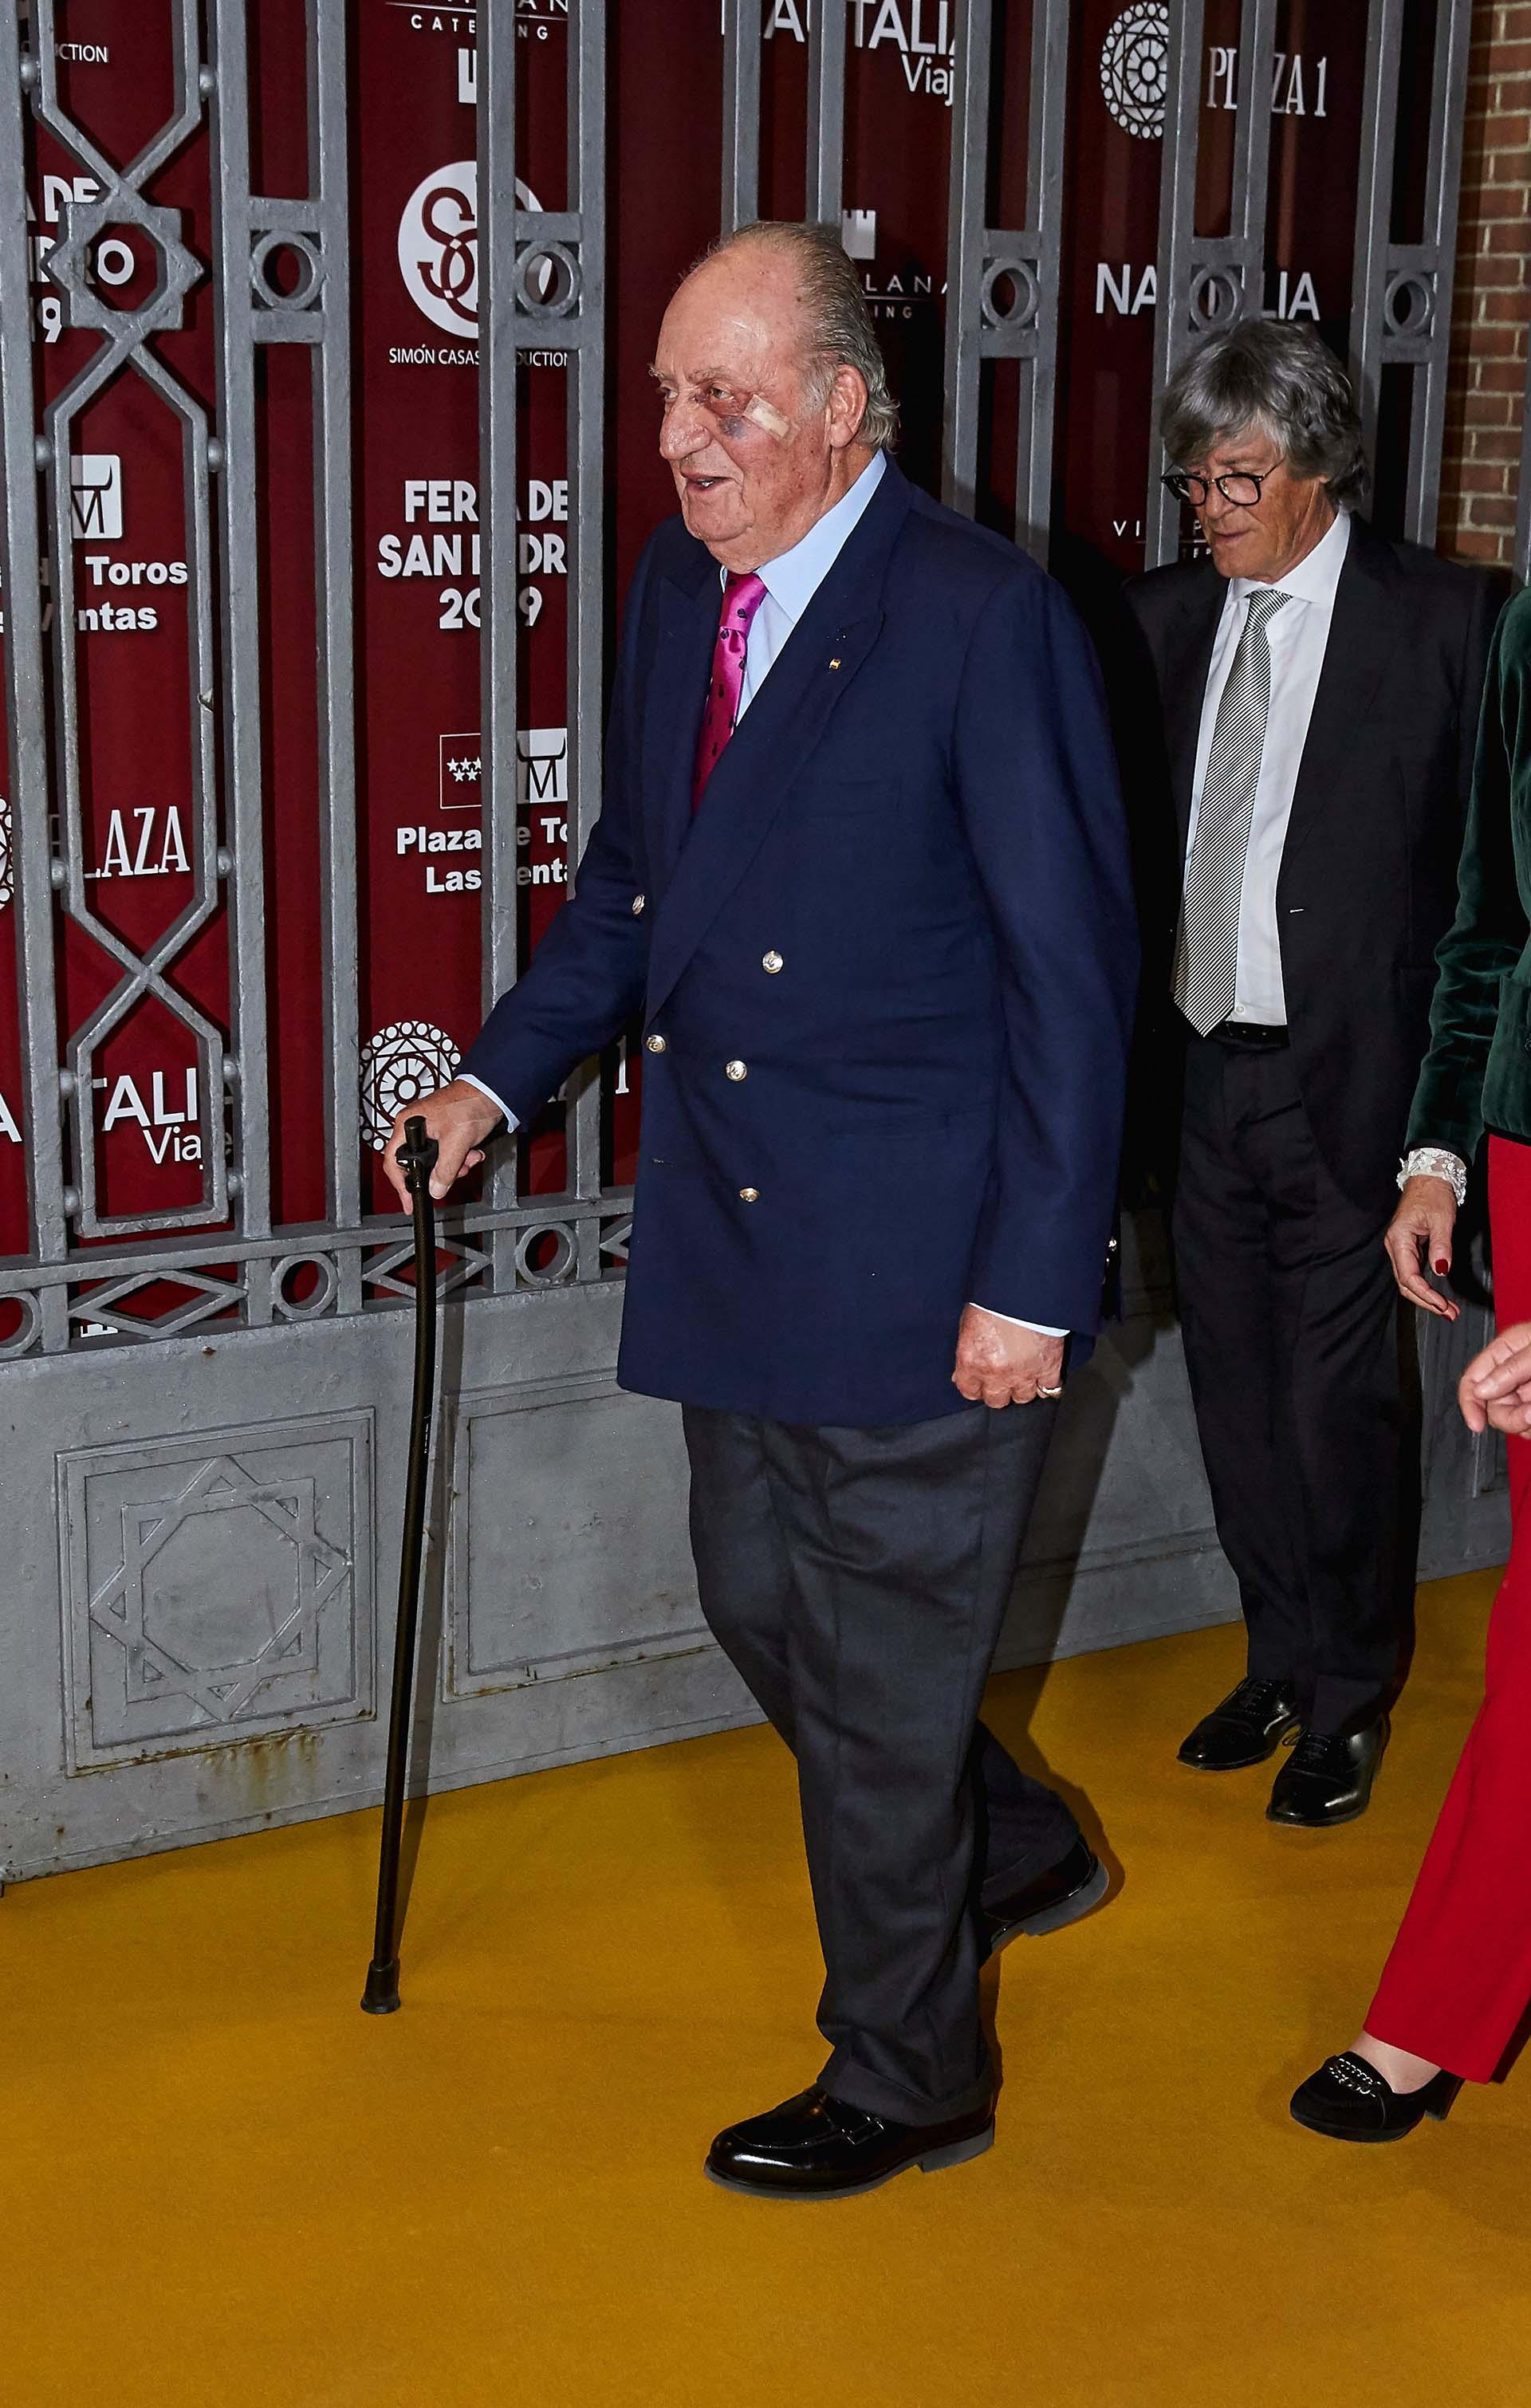 El rey emérito Juan Carlos en Madrid, España en marzo de 2019 (Shutterstock)